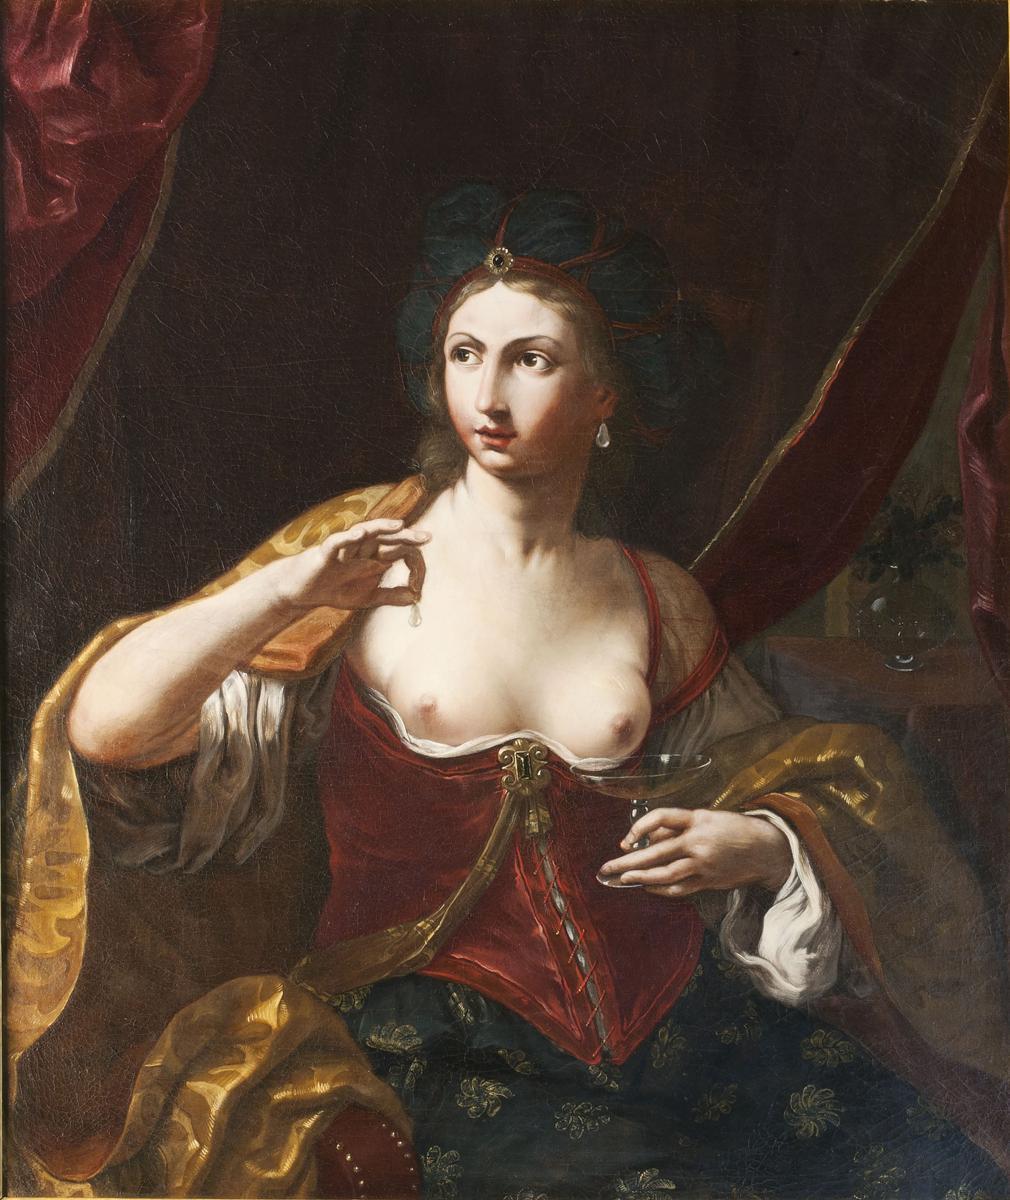 Le Signore dell'Arte Elisabetta Sirani Cleopatra